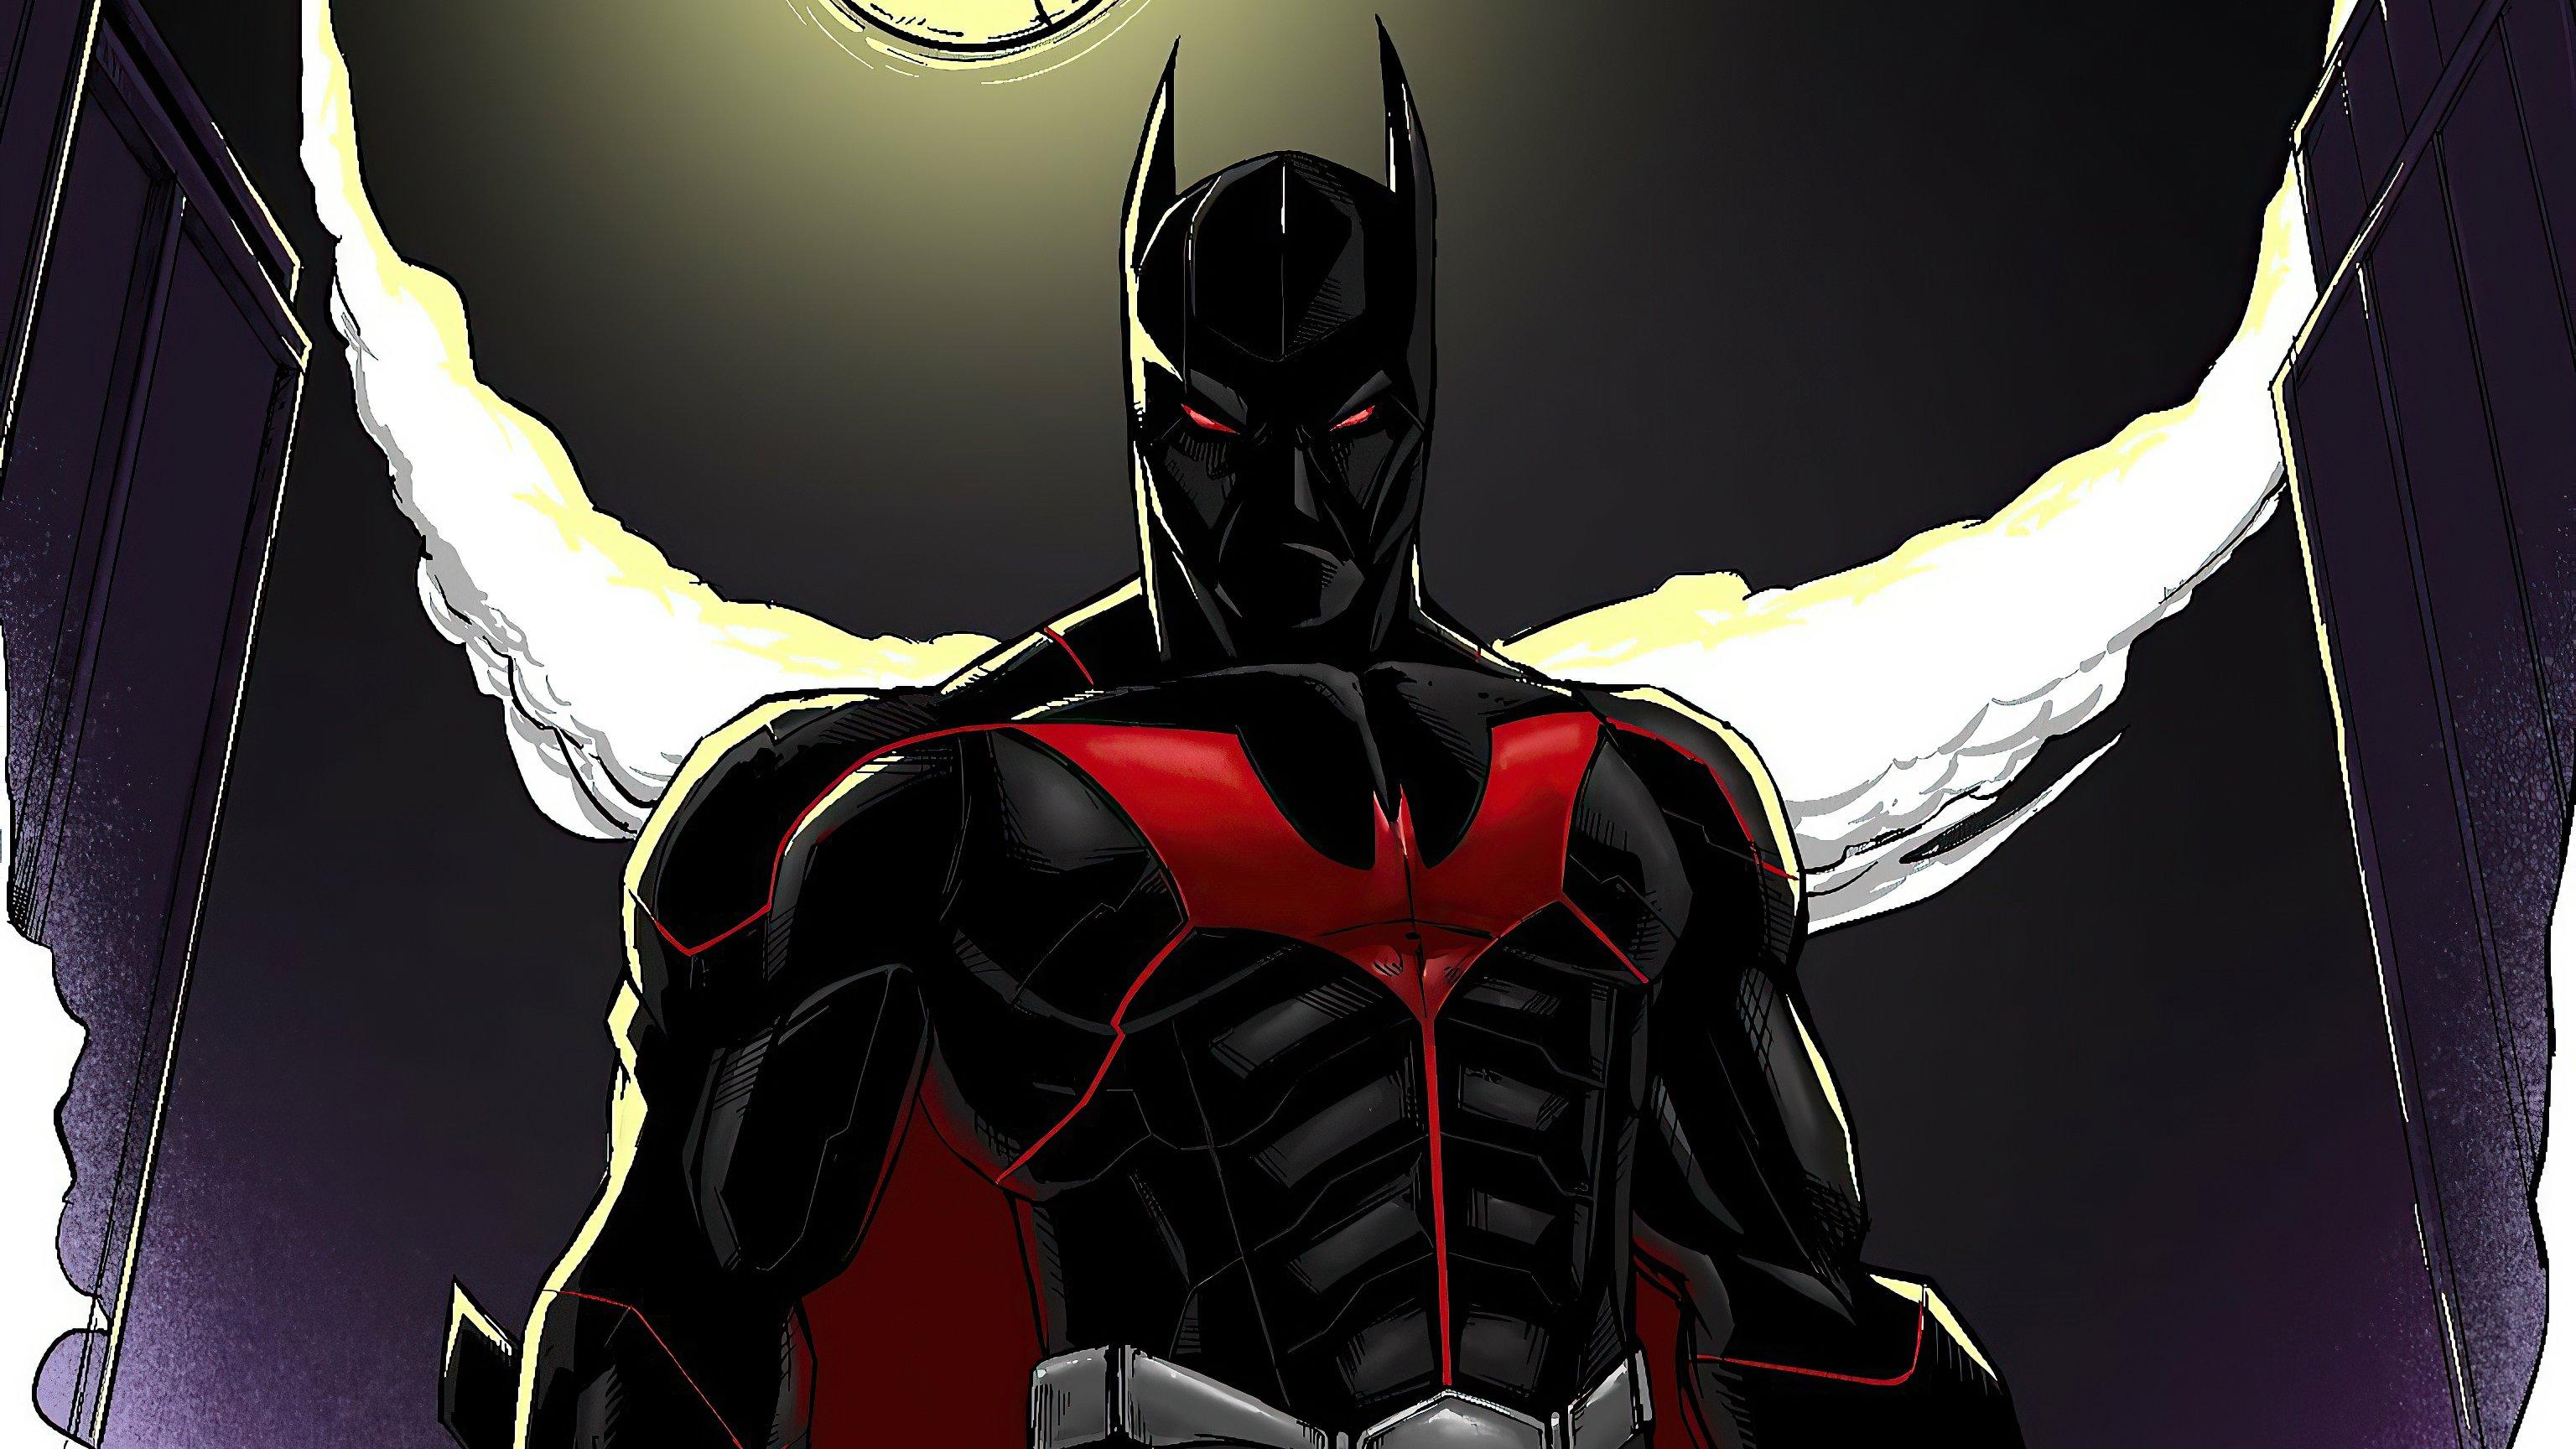 Fondos de pantalla Batman Beyond